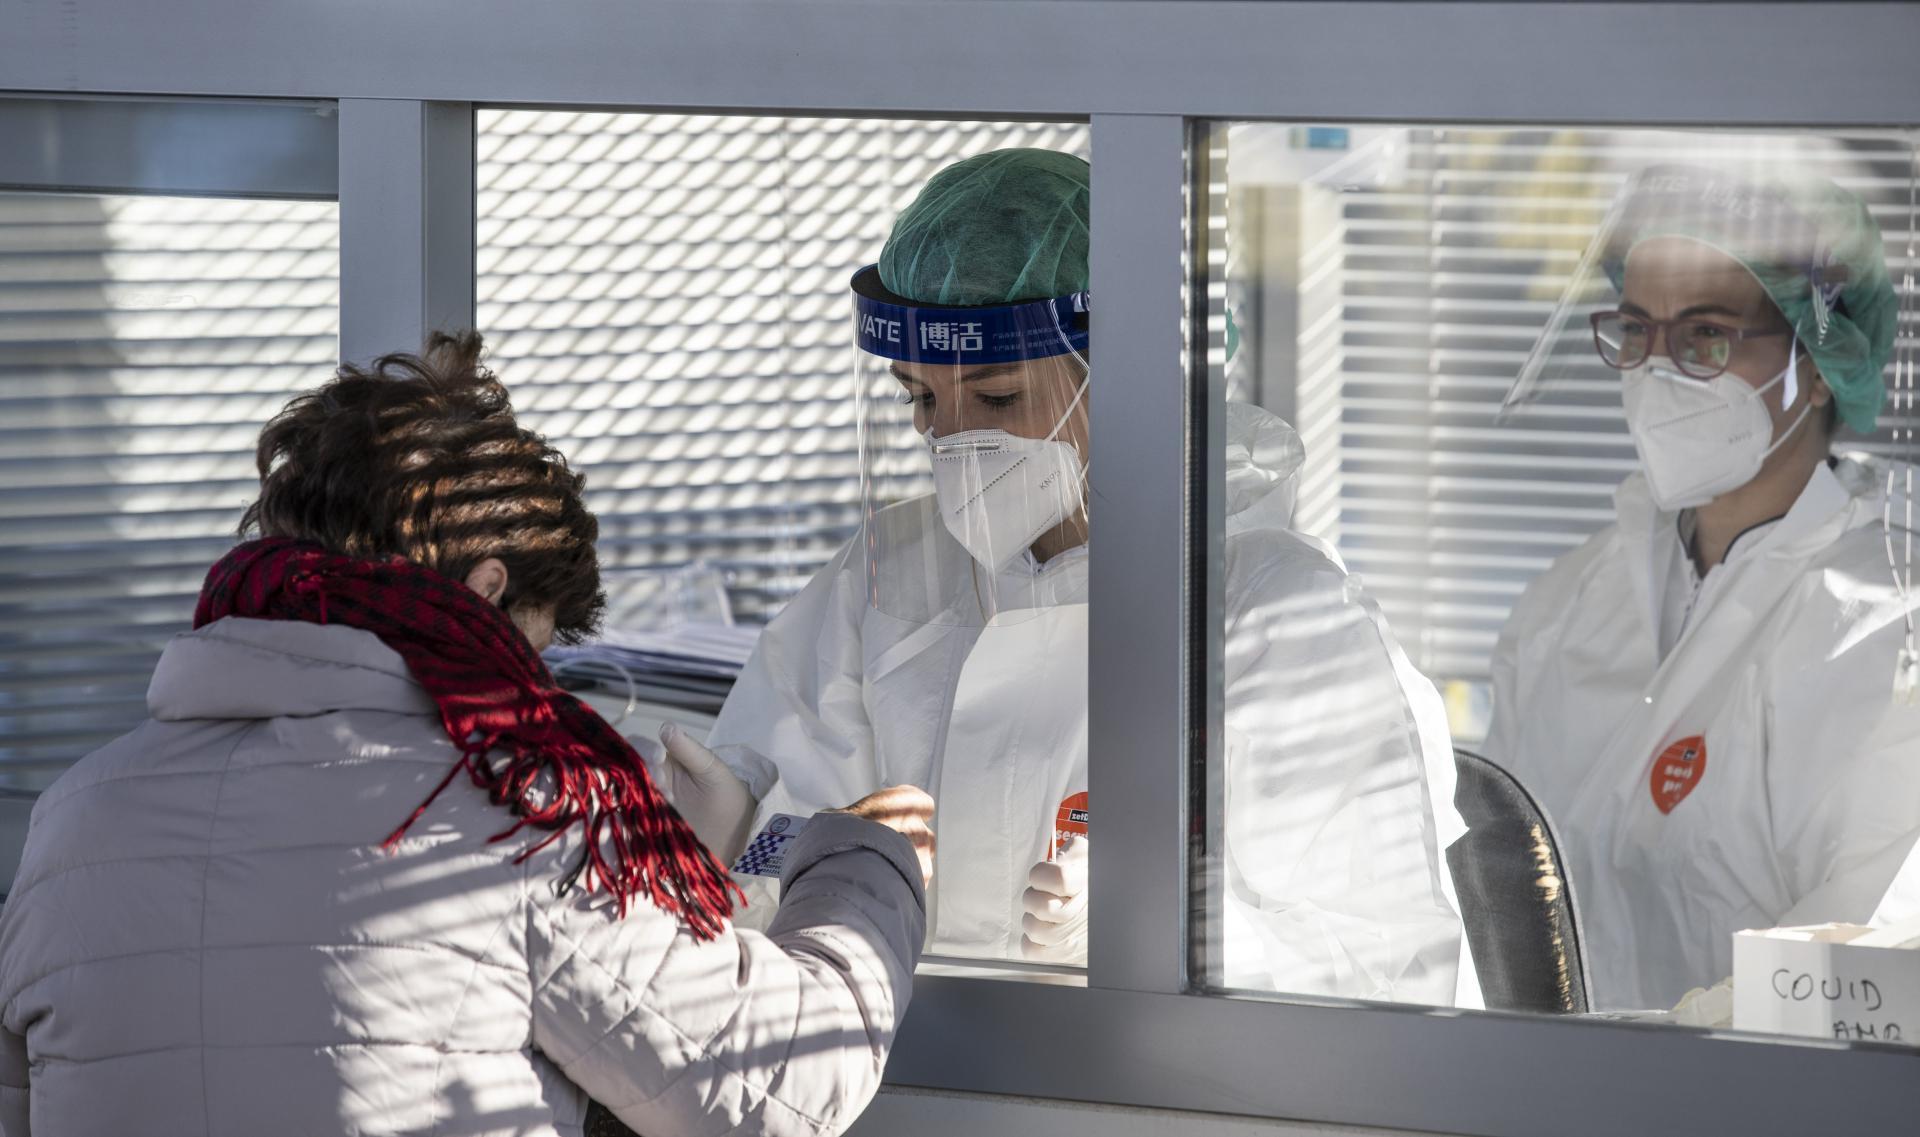 ŽUPANIJSKI STOŽER Novih 15 slučajeva COVID-a, izliječena 51 osoba